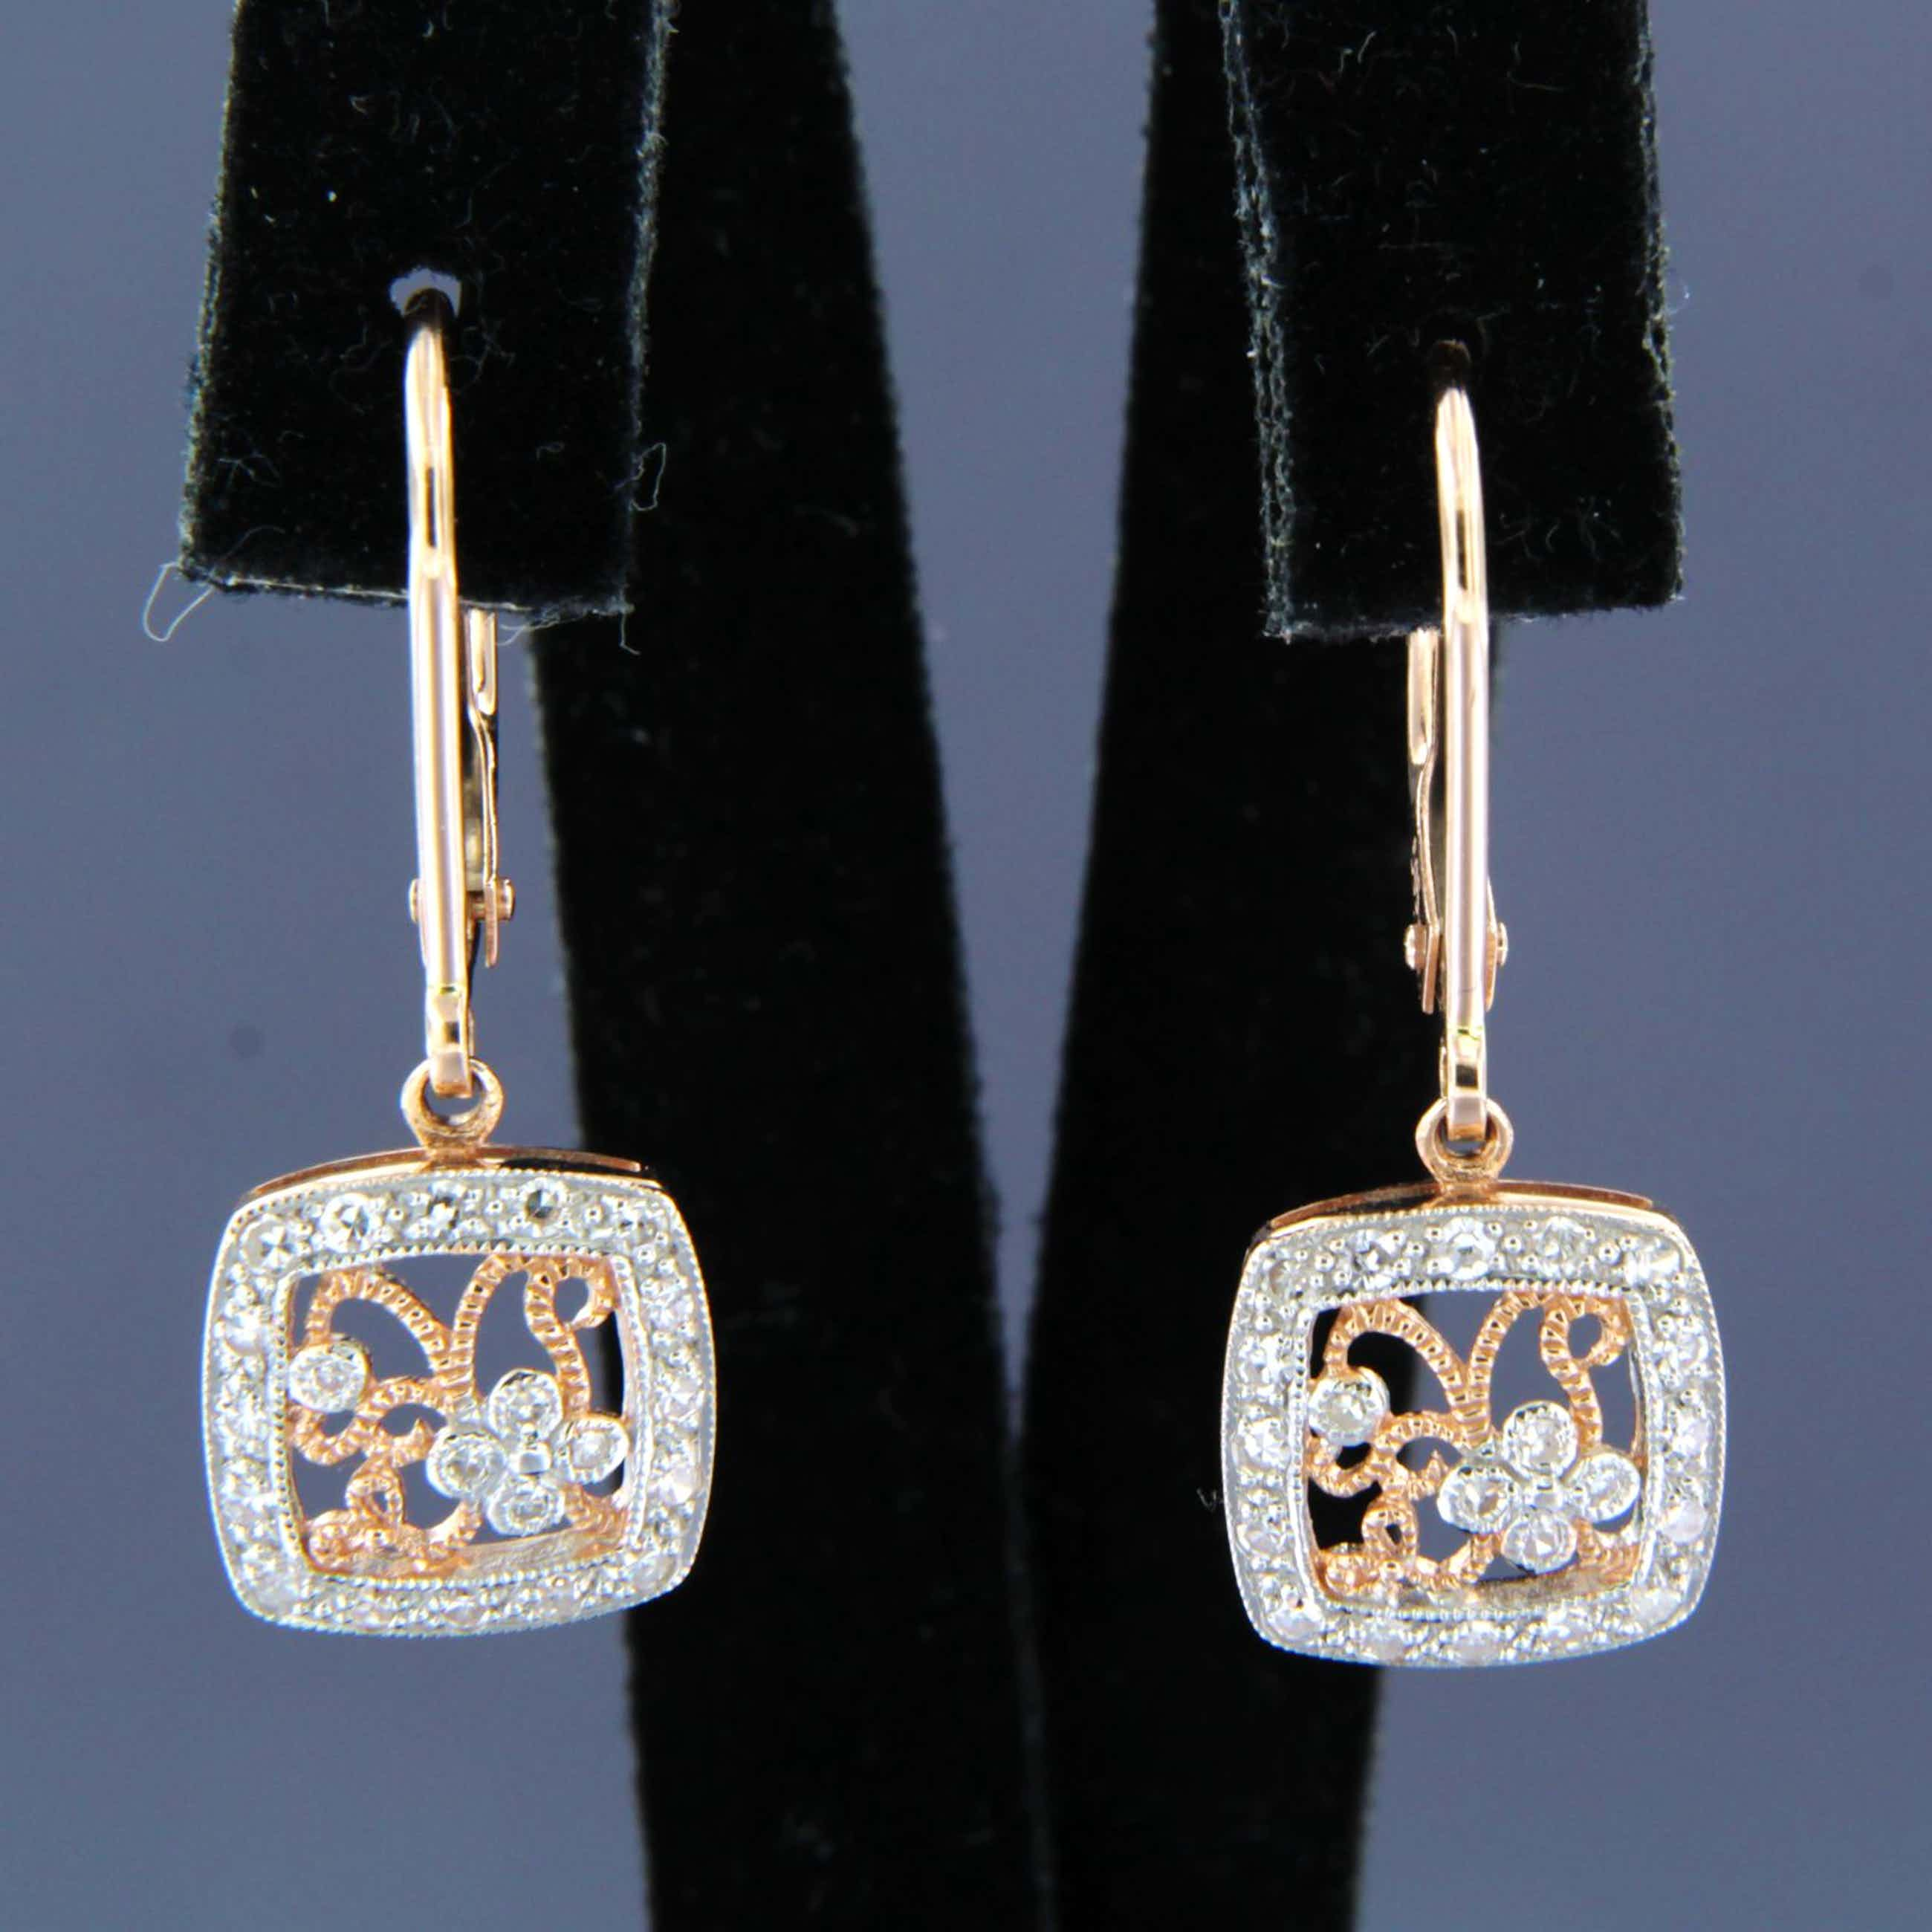 14K Goud - bicolor gouden oorhangers bezet met single cut geslepen diamanten kopen? Bied vanaf 400!